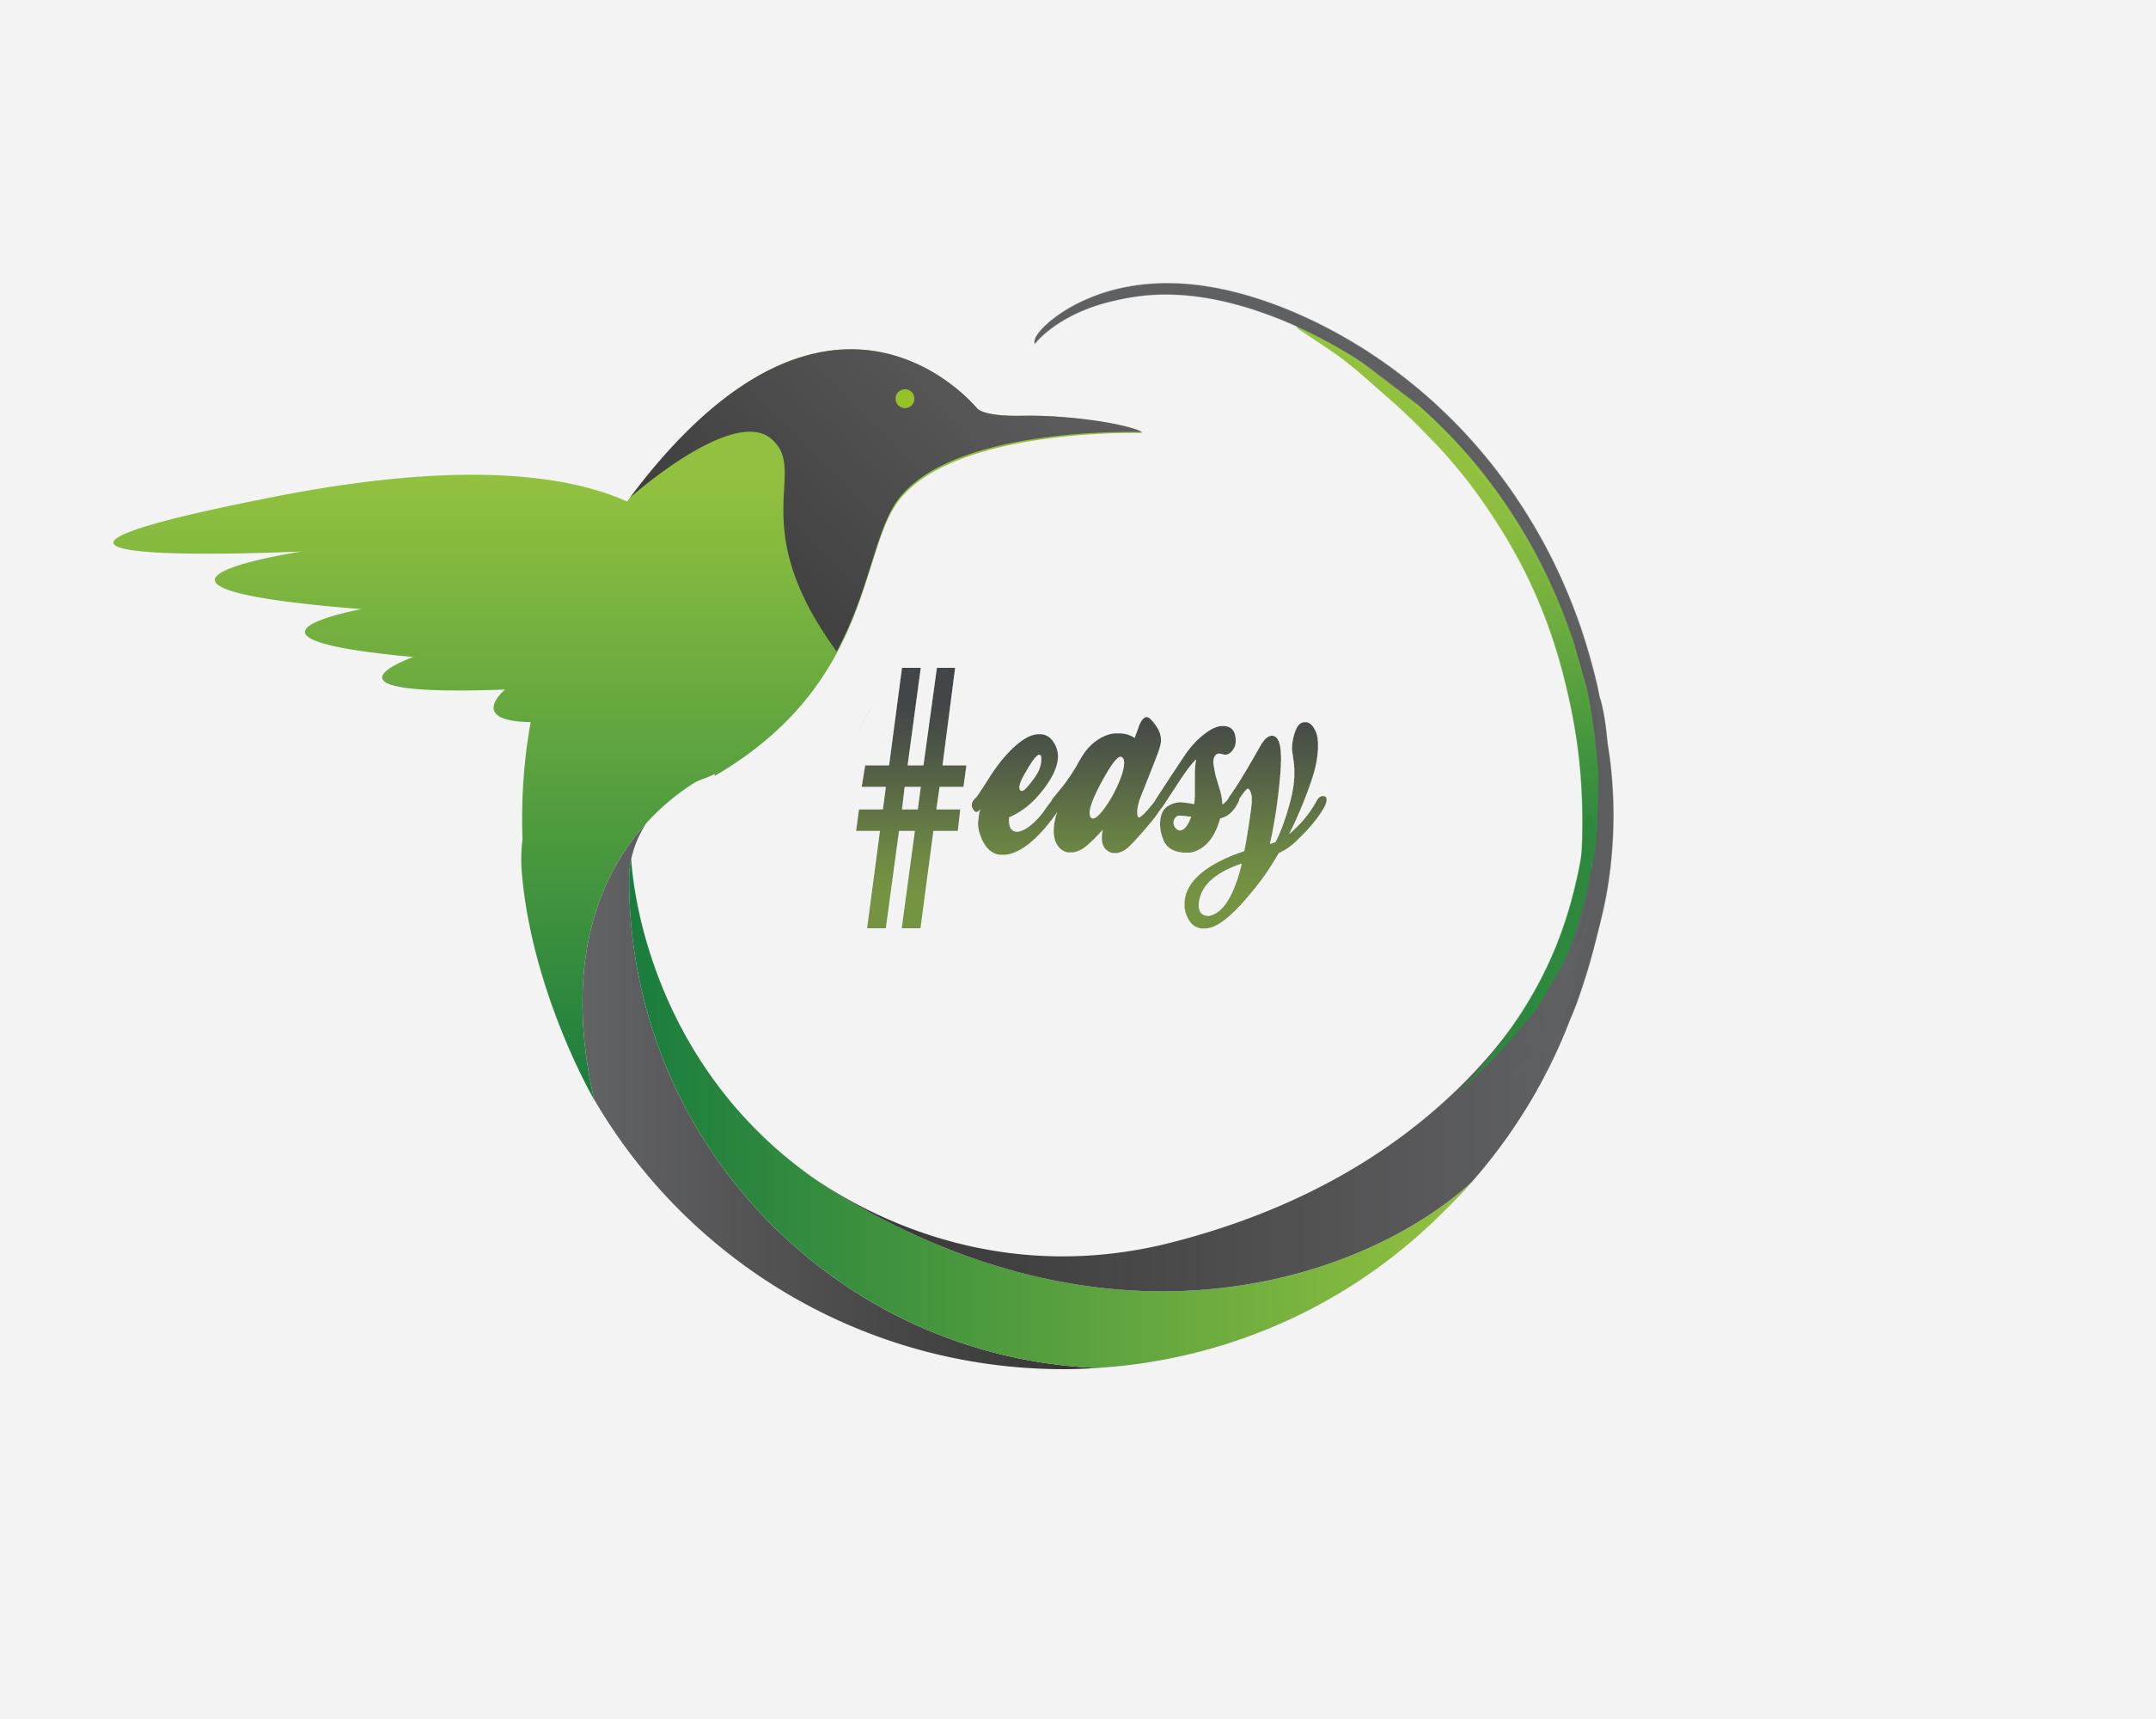 Разработка логотипа в виде хэштега #easy с зеленой колибри  фото f_0445d4d76e65d3de.png